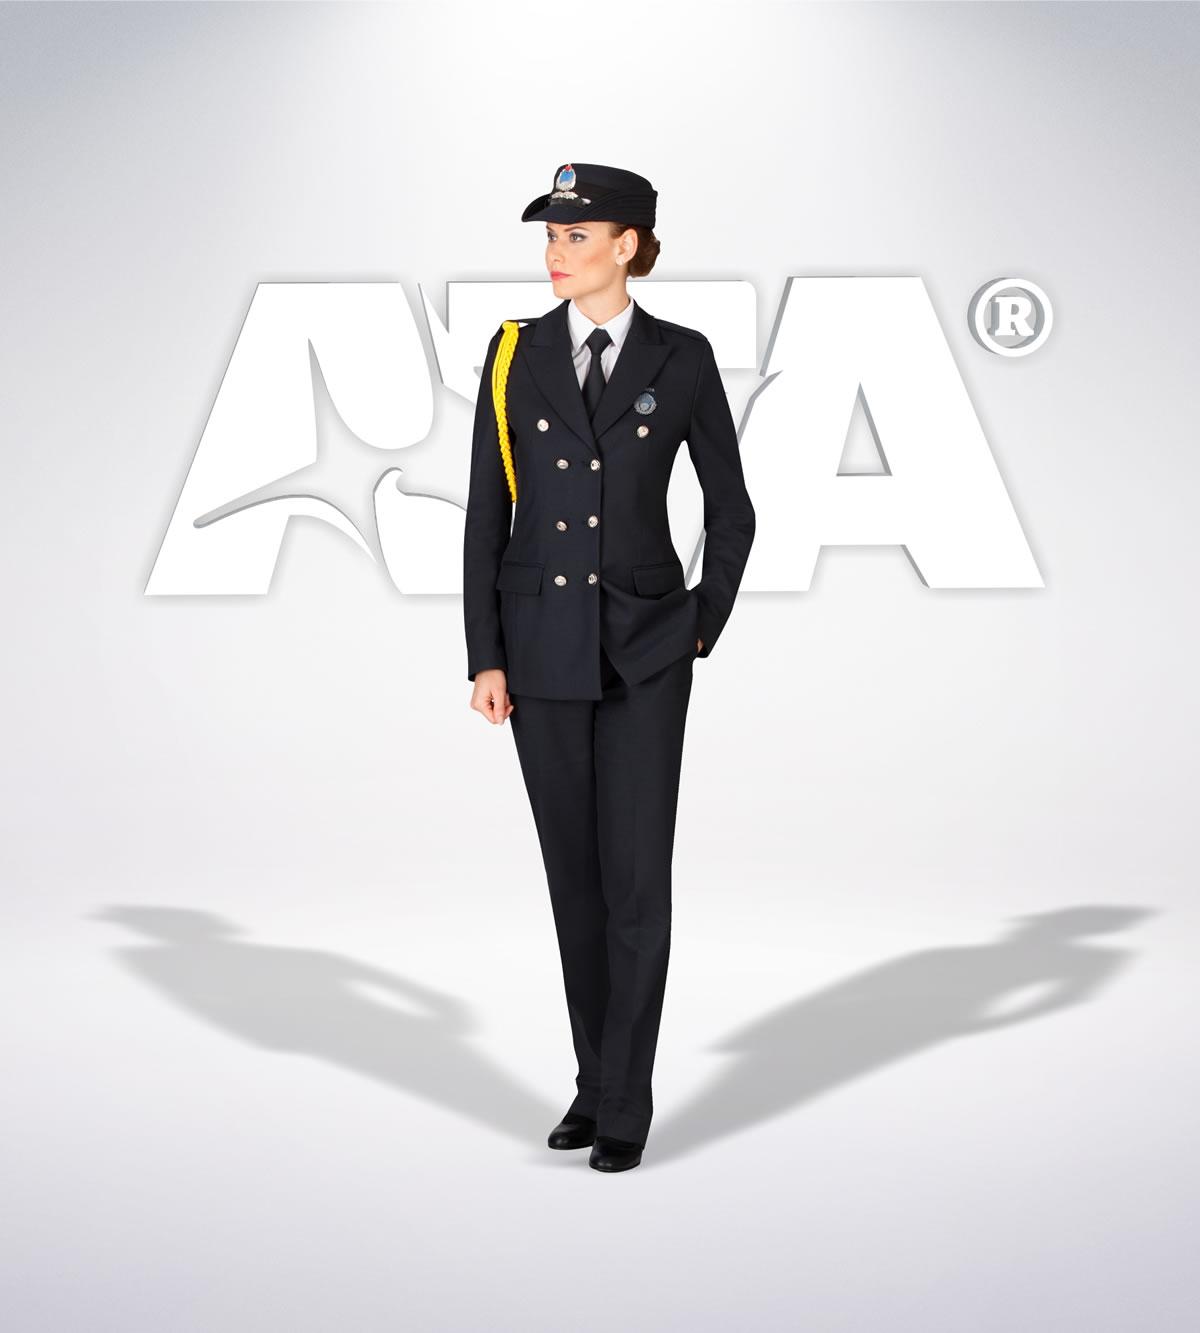 ATA 202 - Zabıta tören takımı - zabıta elbiseleri | zabıta üniformaları | zabıta kıyafetleri